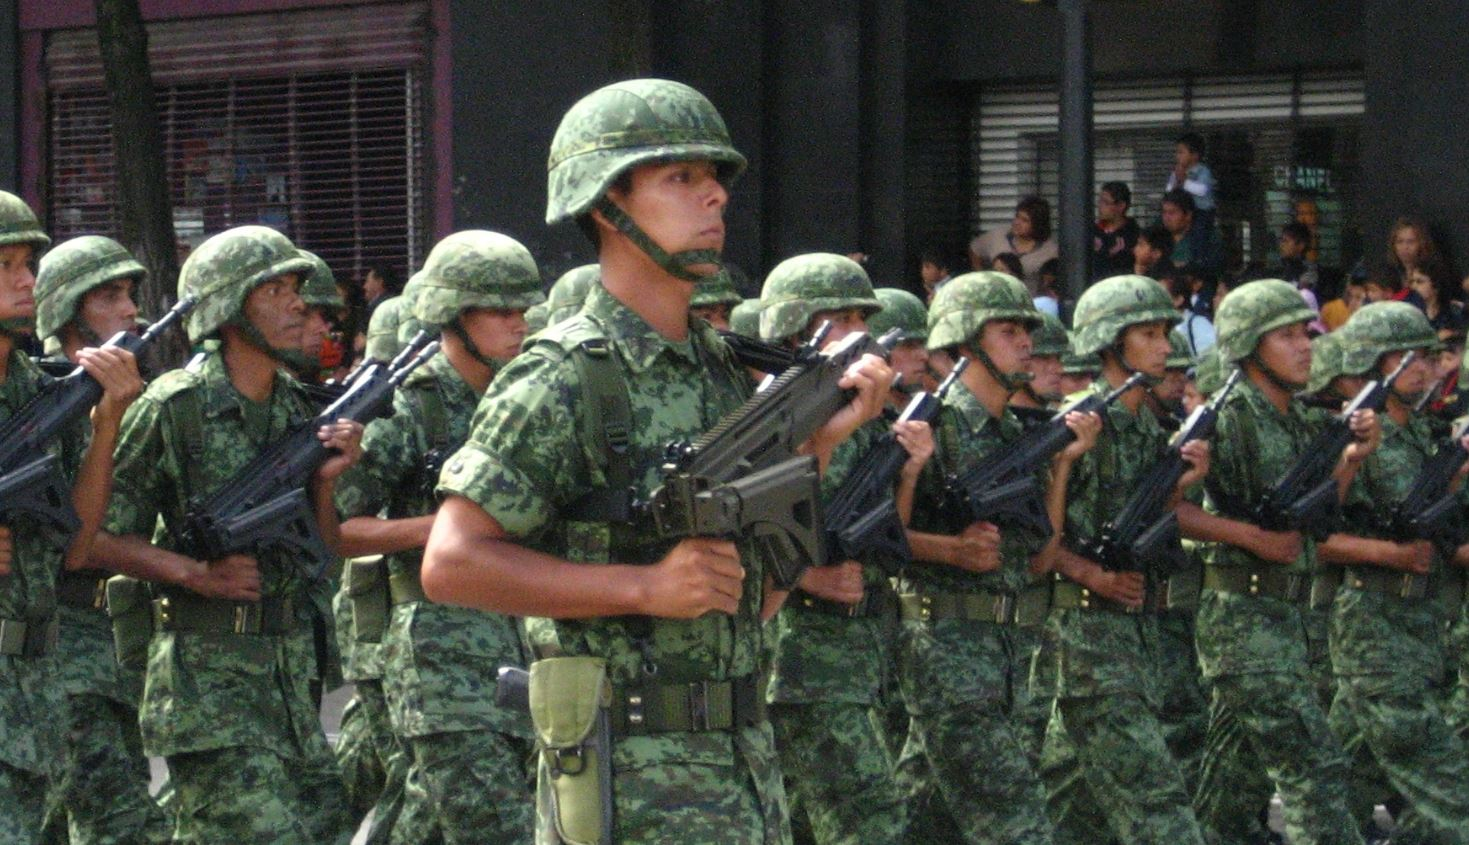 Militares de un batallón de infantería en formación en las calles de la Ciudad de México (Panoramas - University of Pittsburgh)